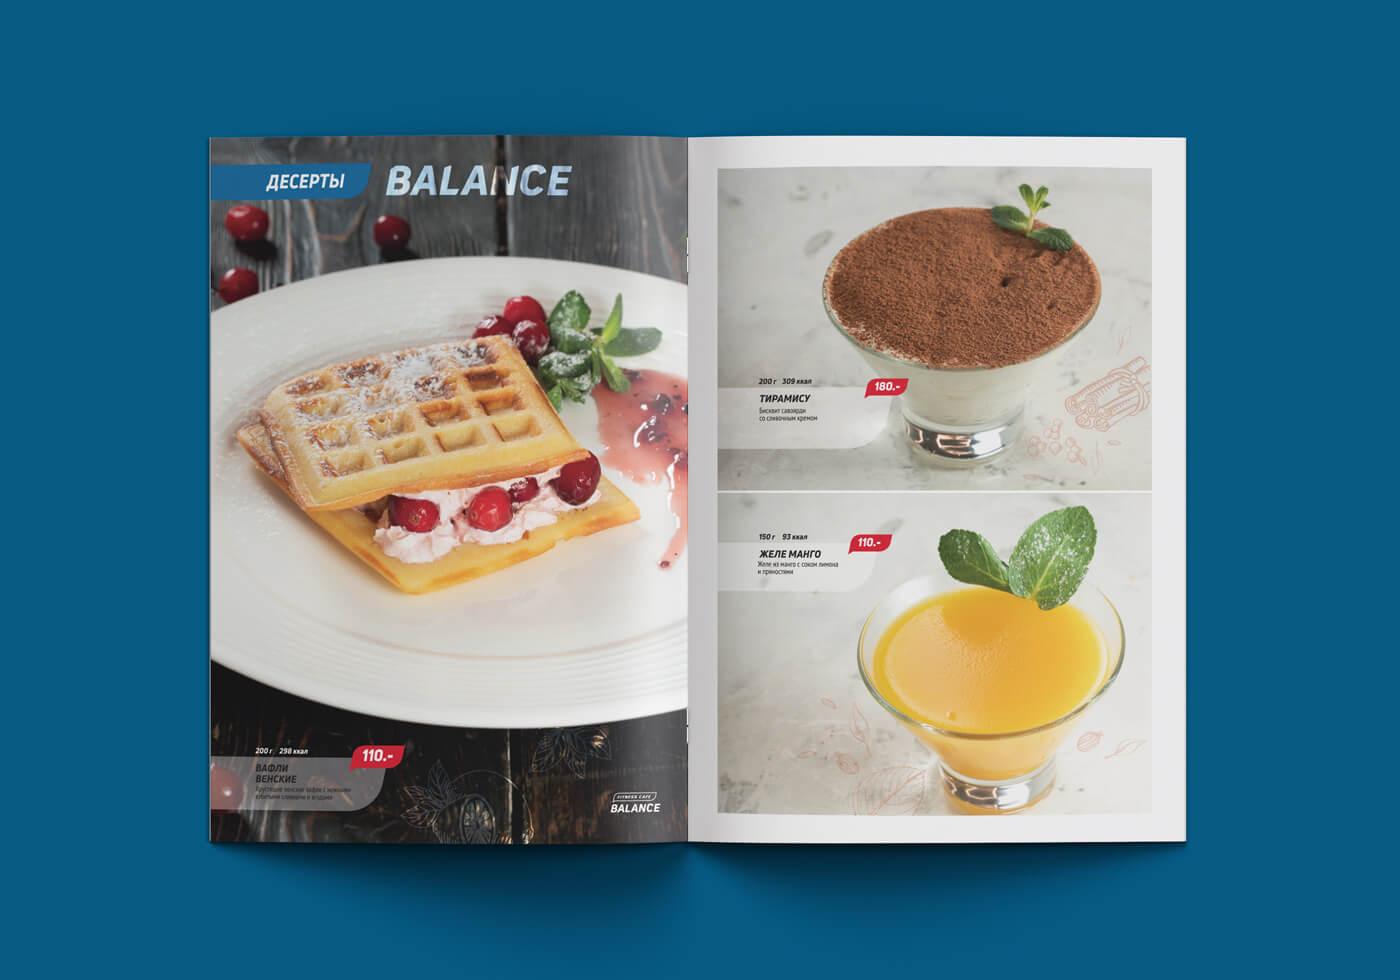 Дизайн меню фитнес-кафе «Balance» – десерты